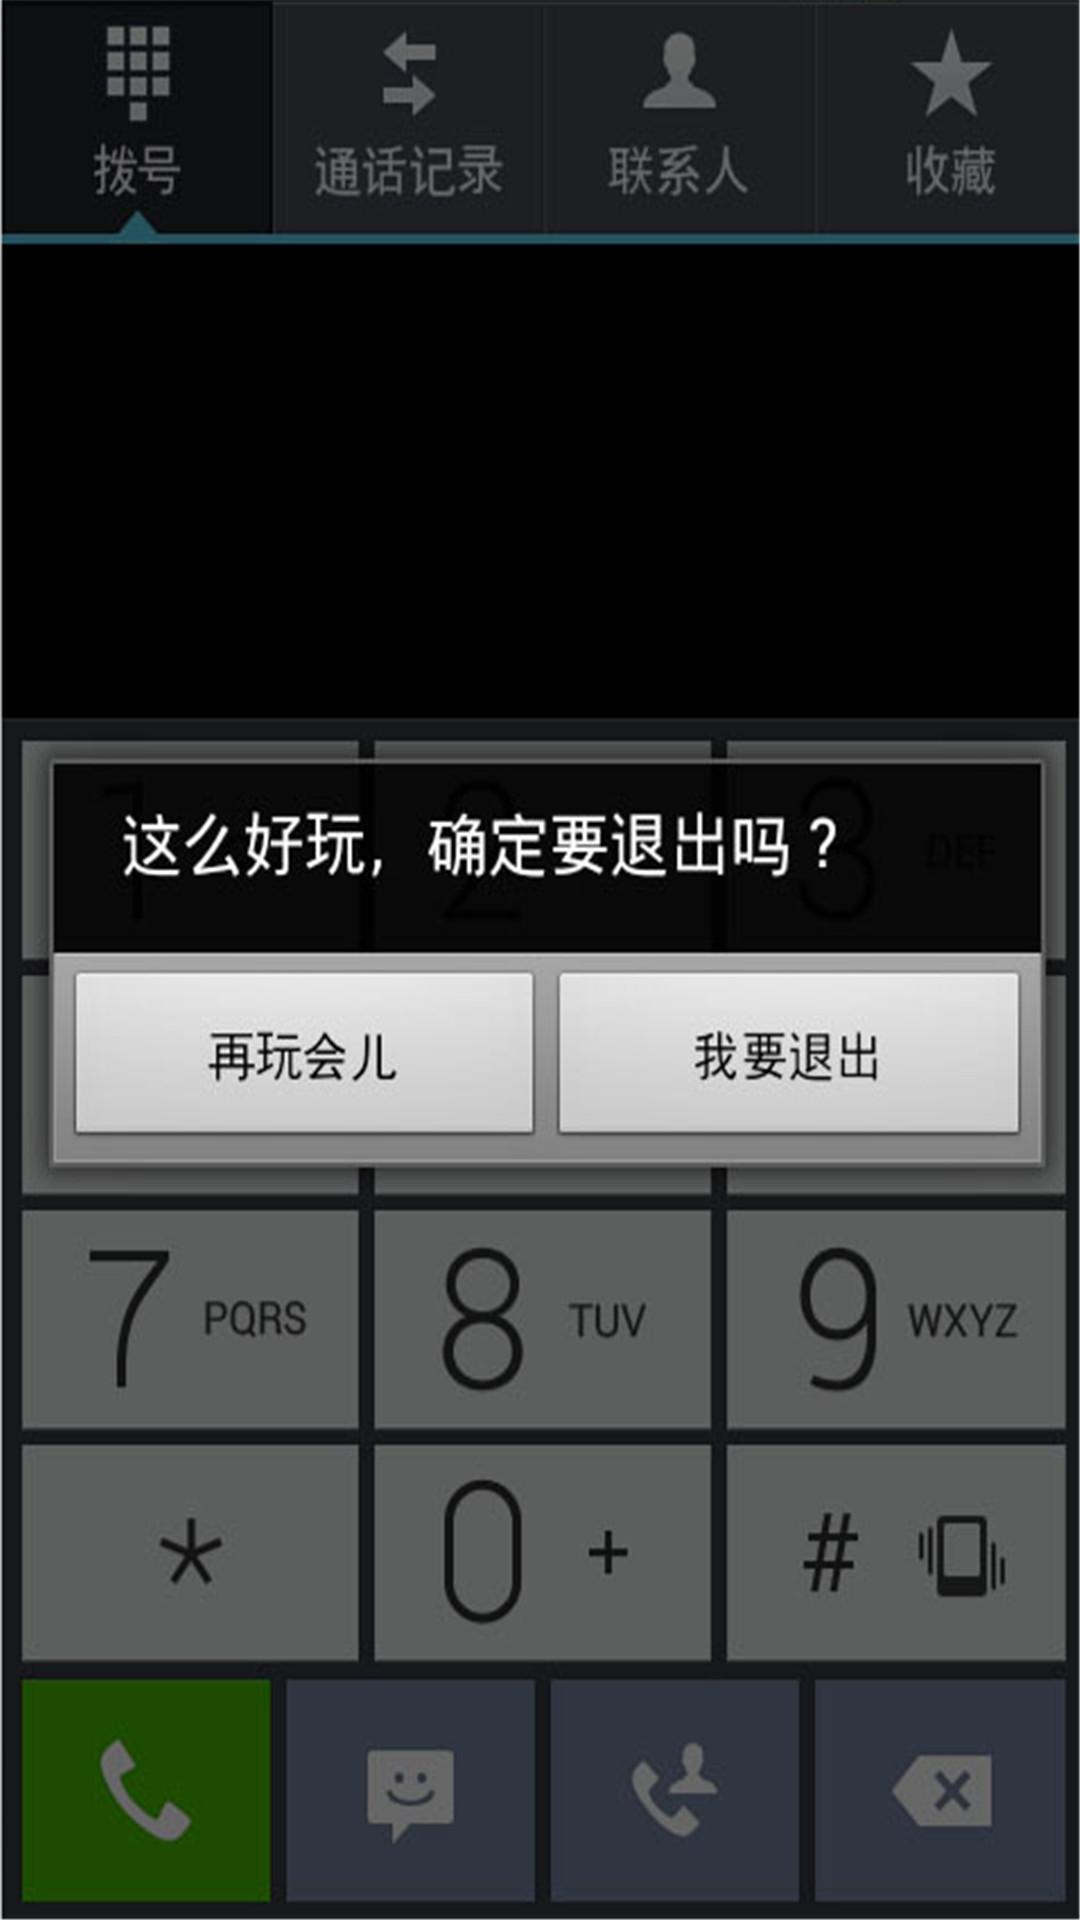 自动电击手机屏幕app下载图1: